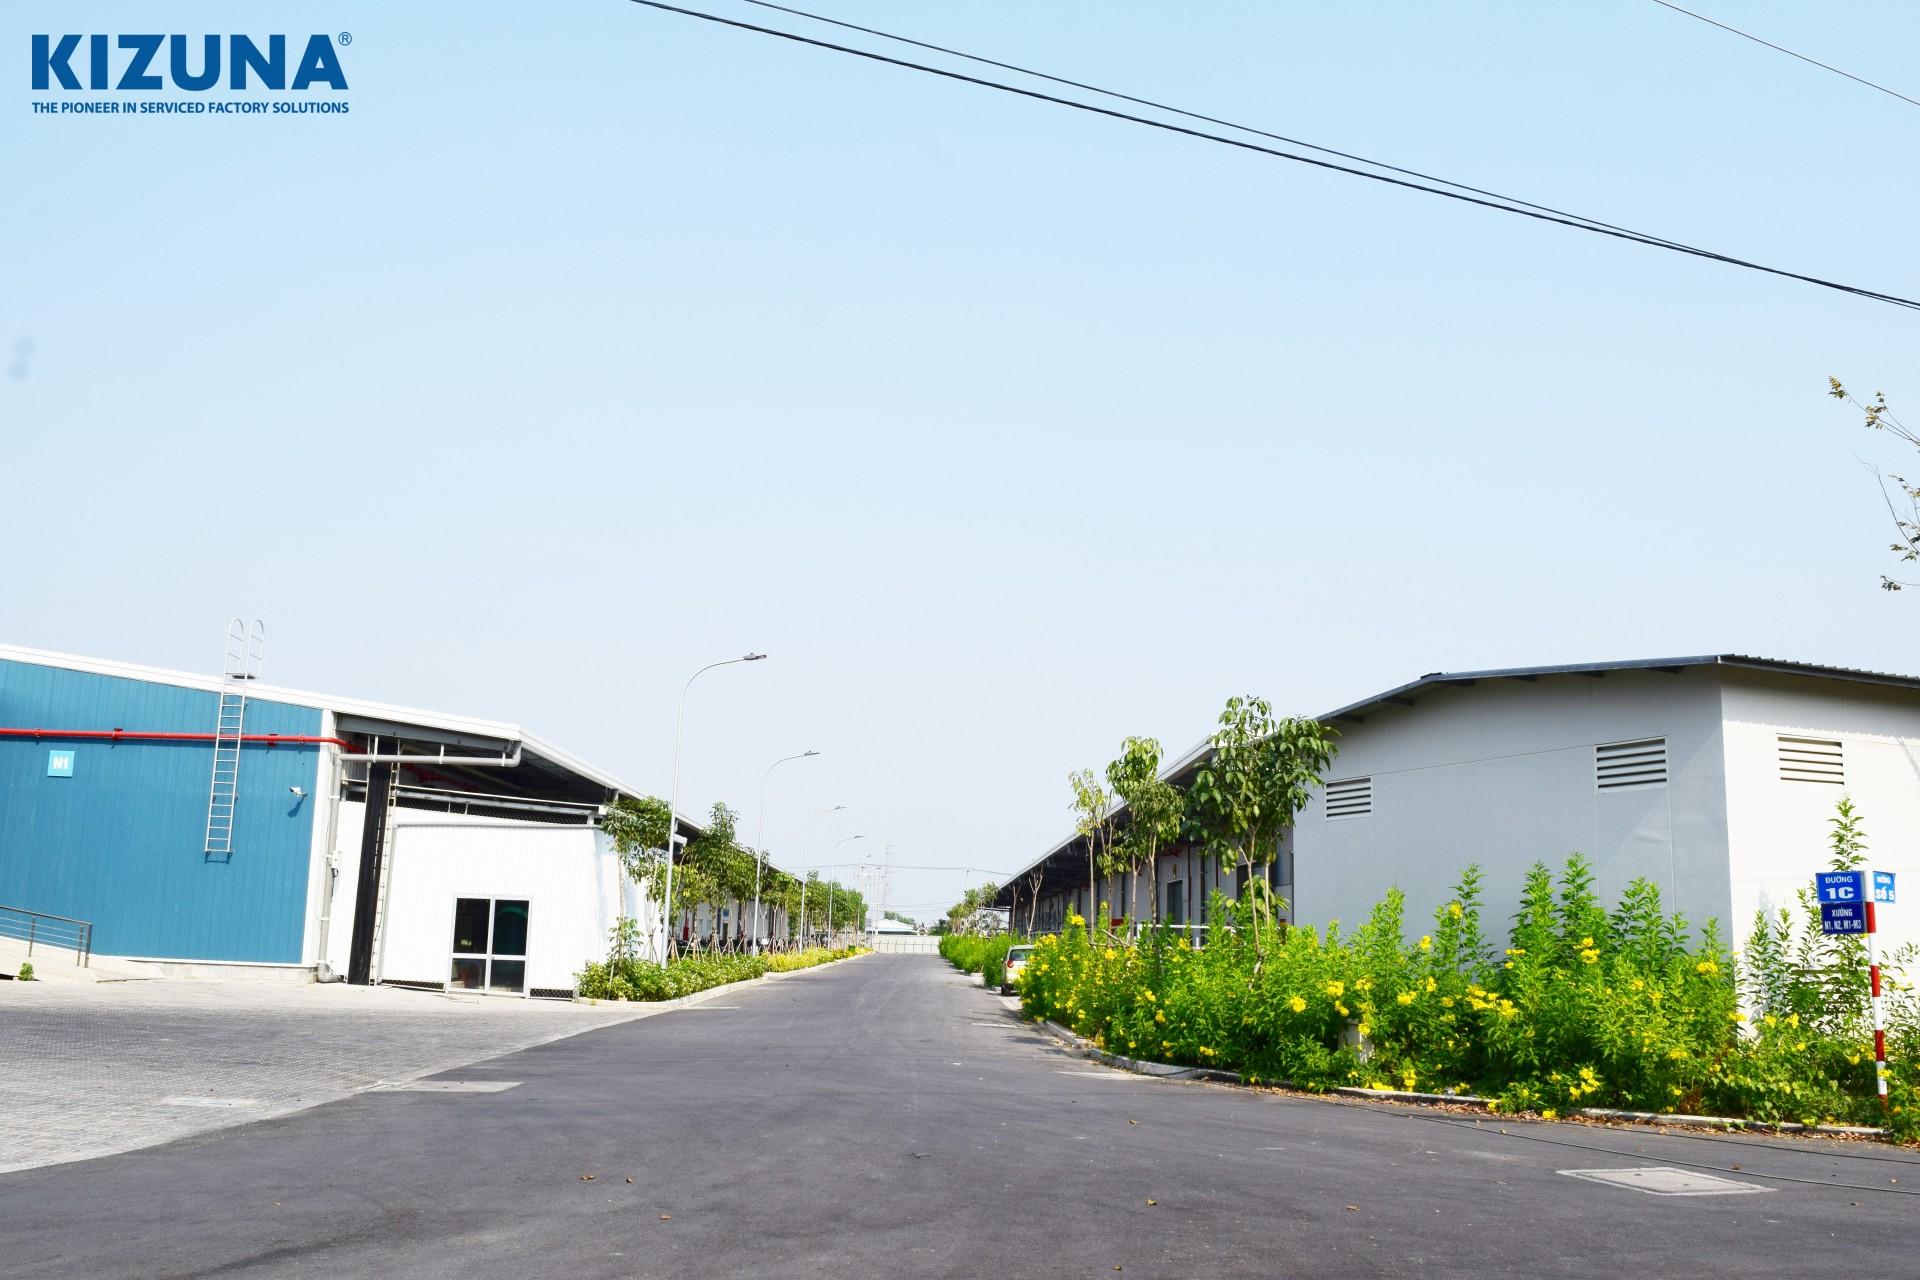 베트남 한국 산업 단지 kizuna